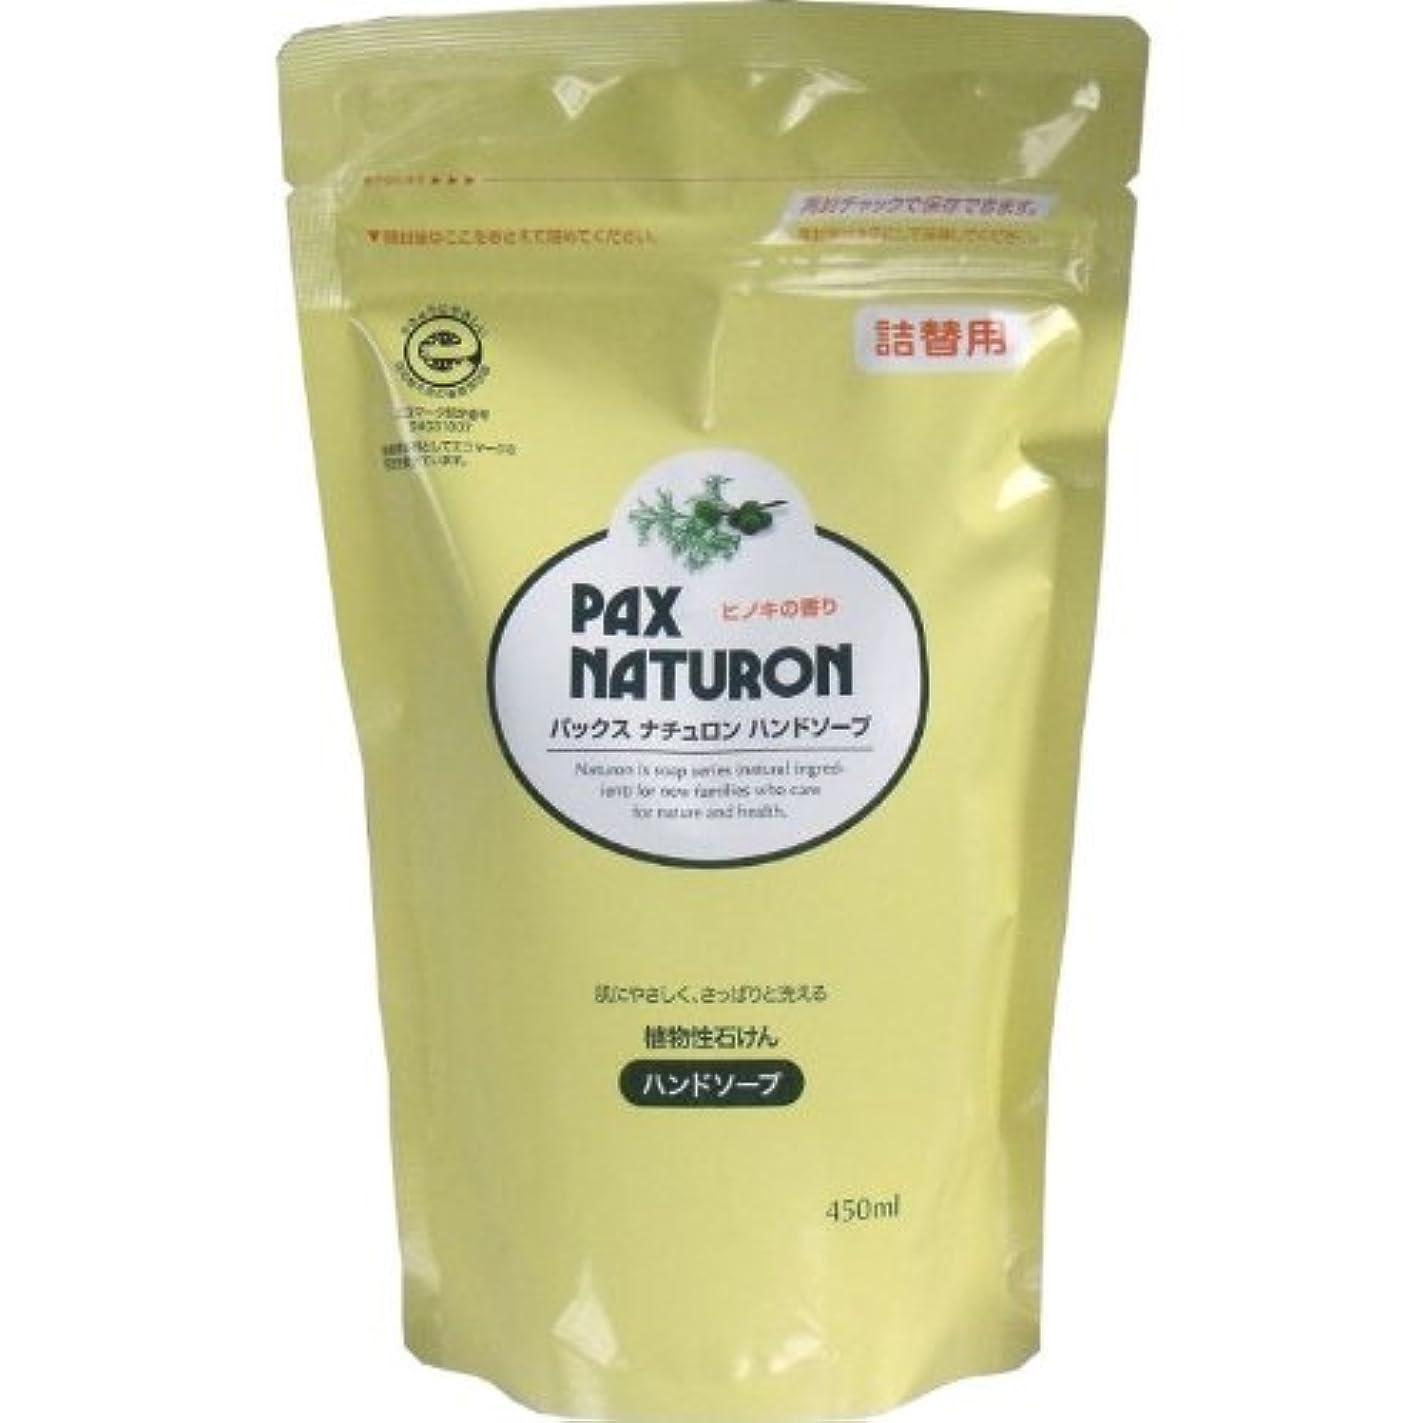 屋内カヌー将来の肌にやさしく、さっぱりと洗える植物性石けん!植物性ハンドソープ 詰替用 450mL【2個セット】